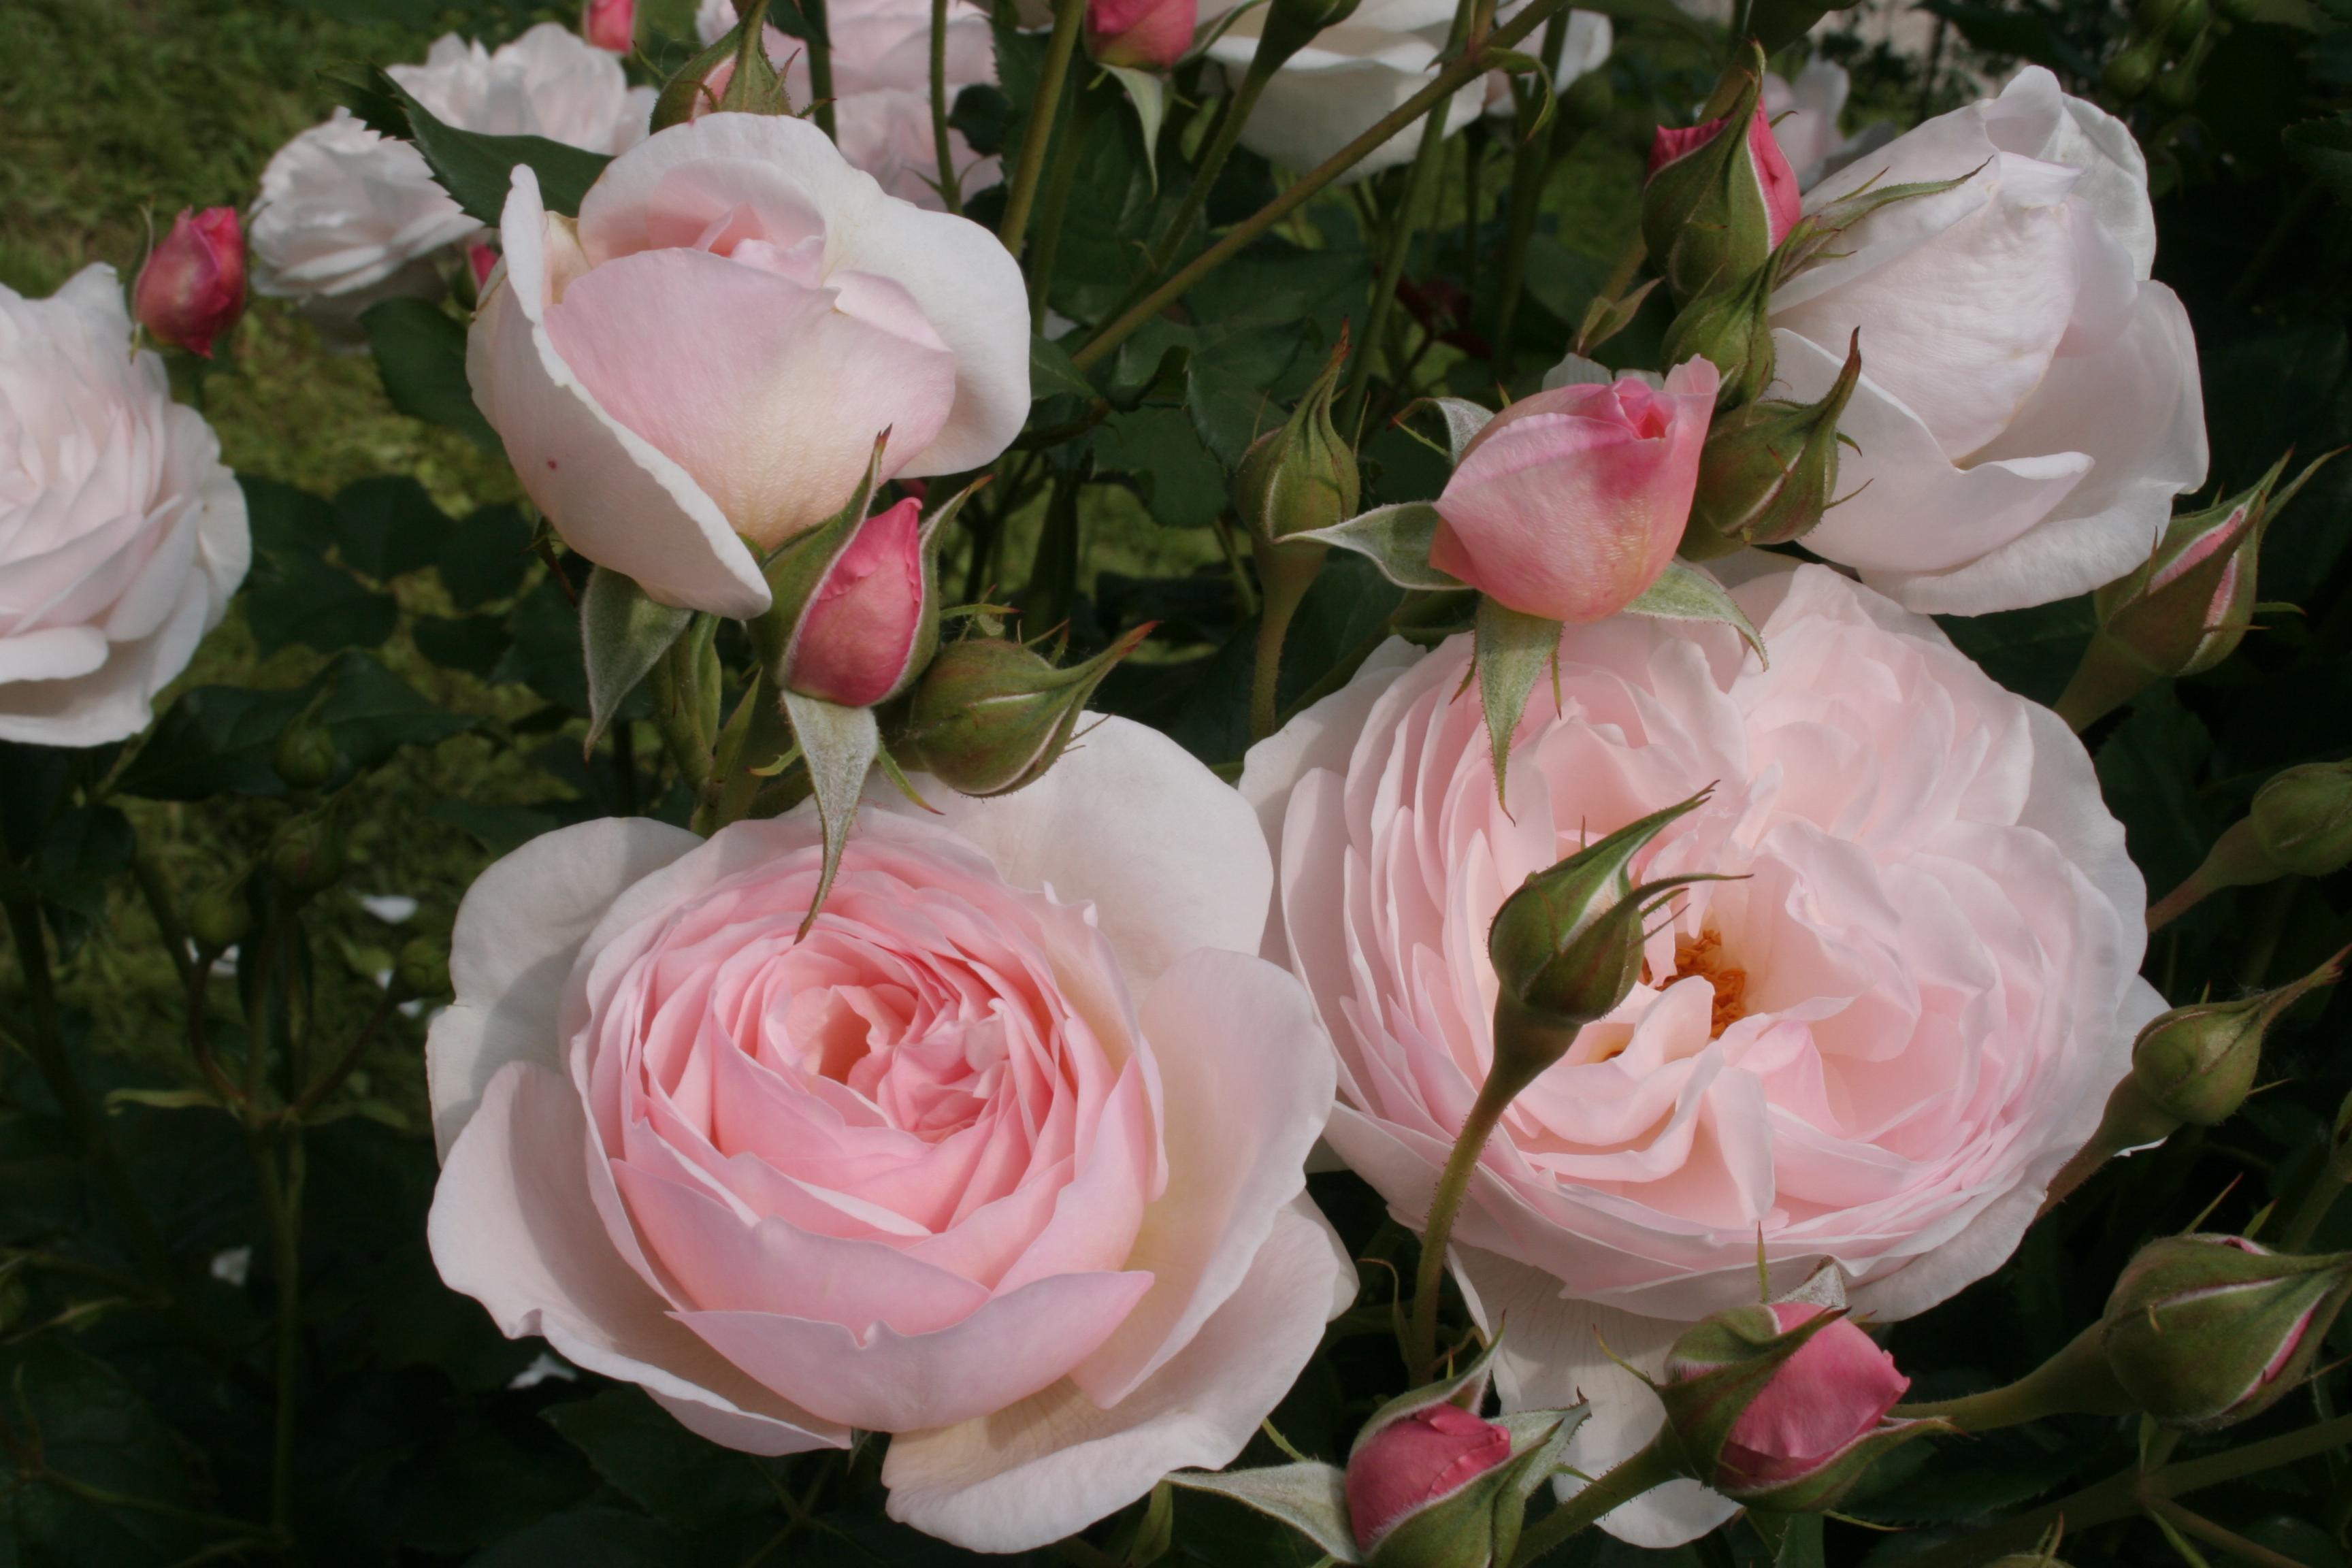 bilder rezepte und informationen zur sch nsten blume der welt die zauberhafte welt der rosen. Black Bedroom Furniture Sets. Home Design Ideas